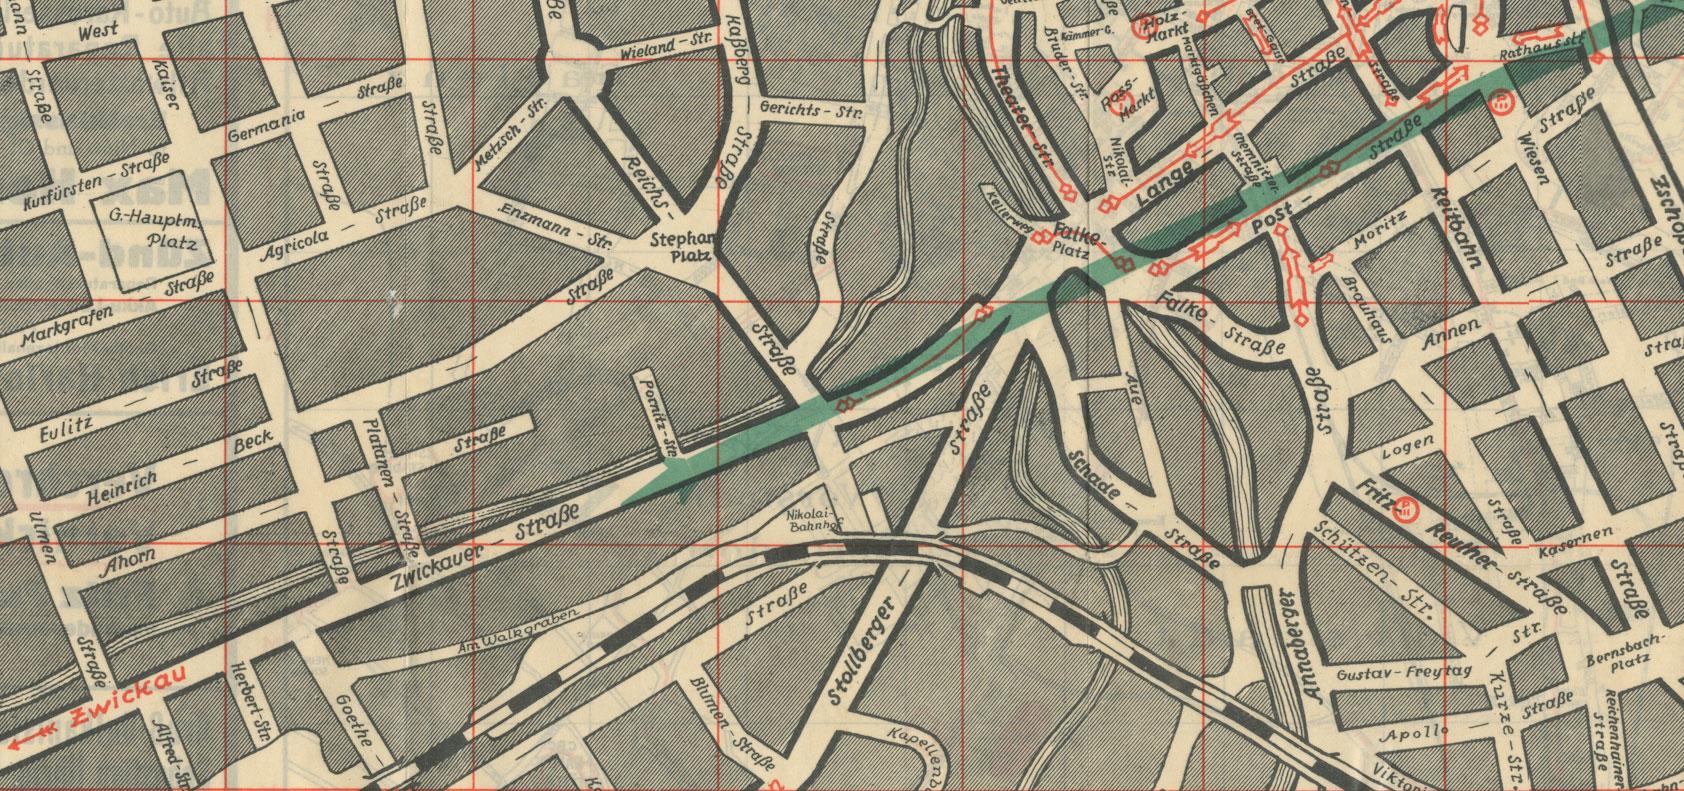 Historische Karte der Stadt Chemnitz mit dem Standort der Hochgarage auf der Zwickauer Straße